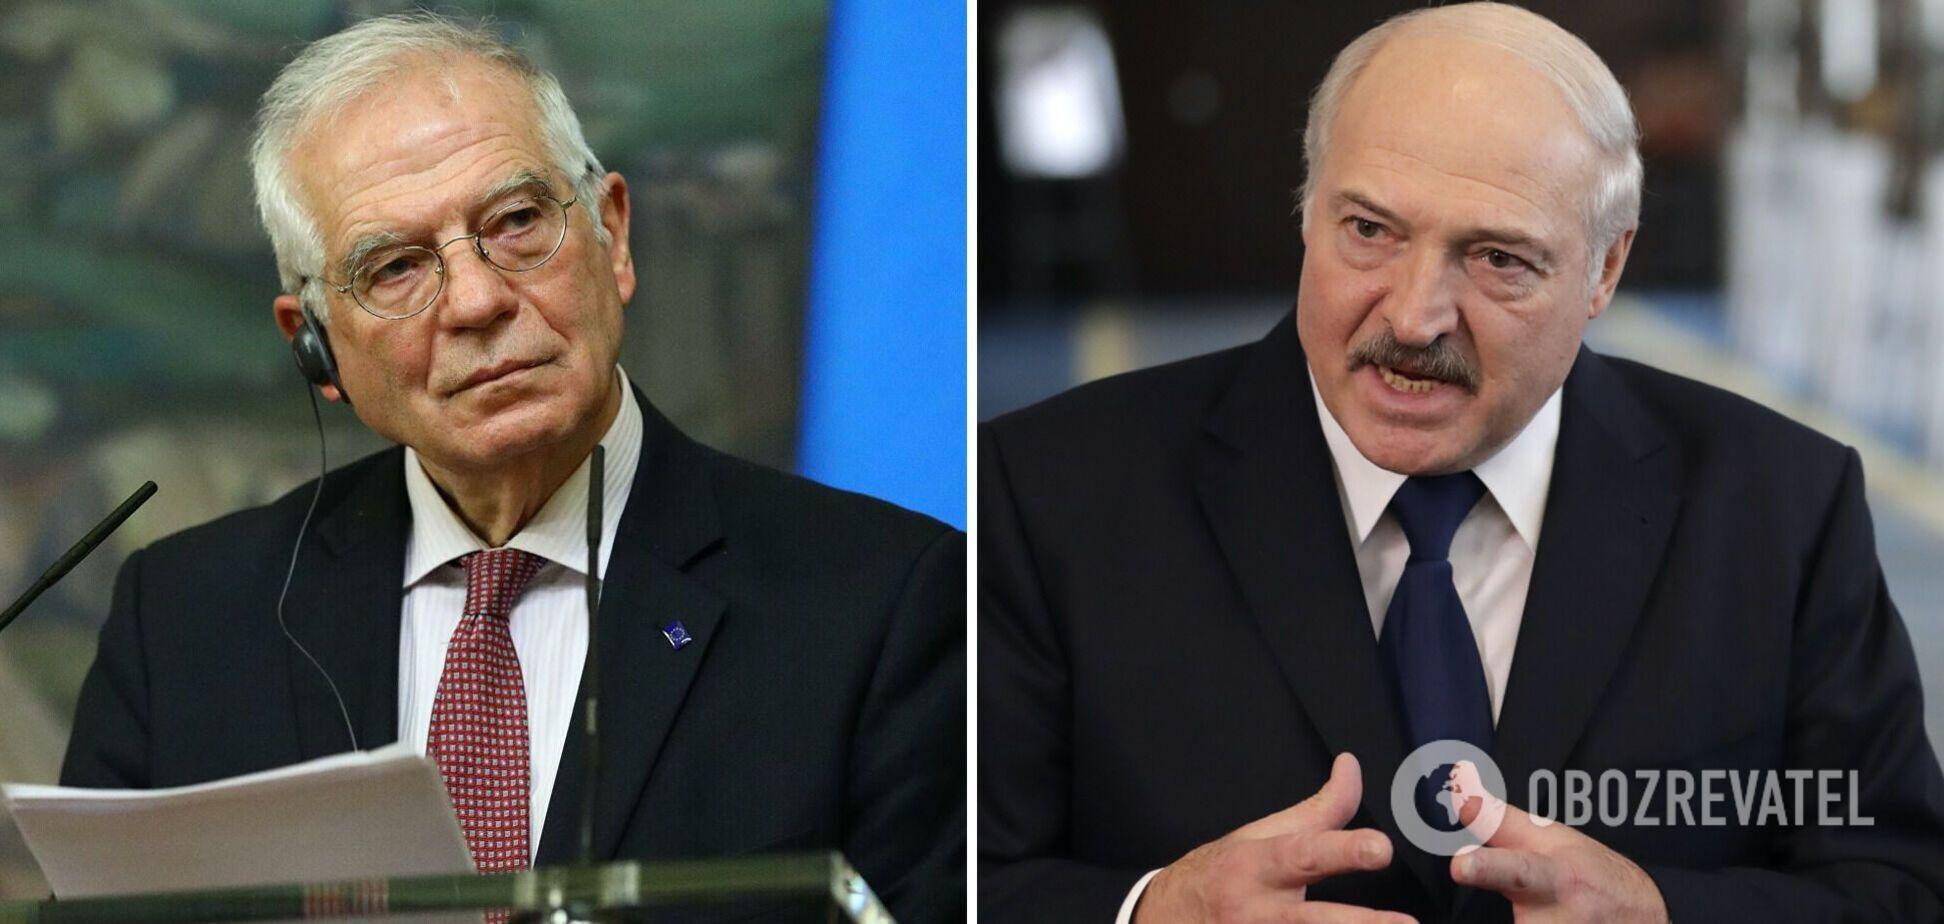 Глава дипломатии ЕС впервые публично назвал Лукашенко диктатором